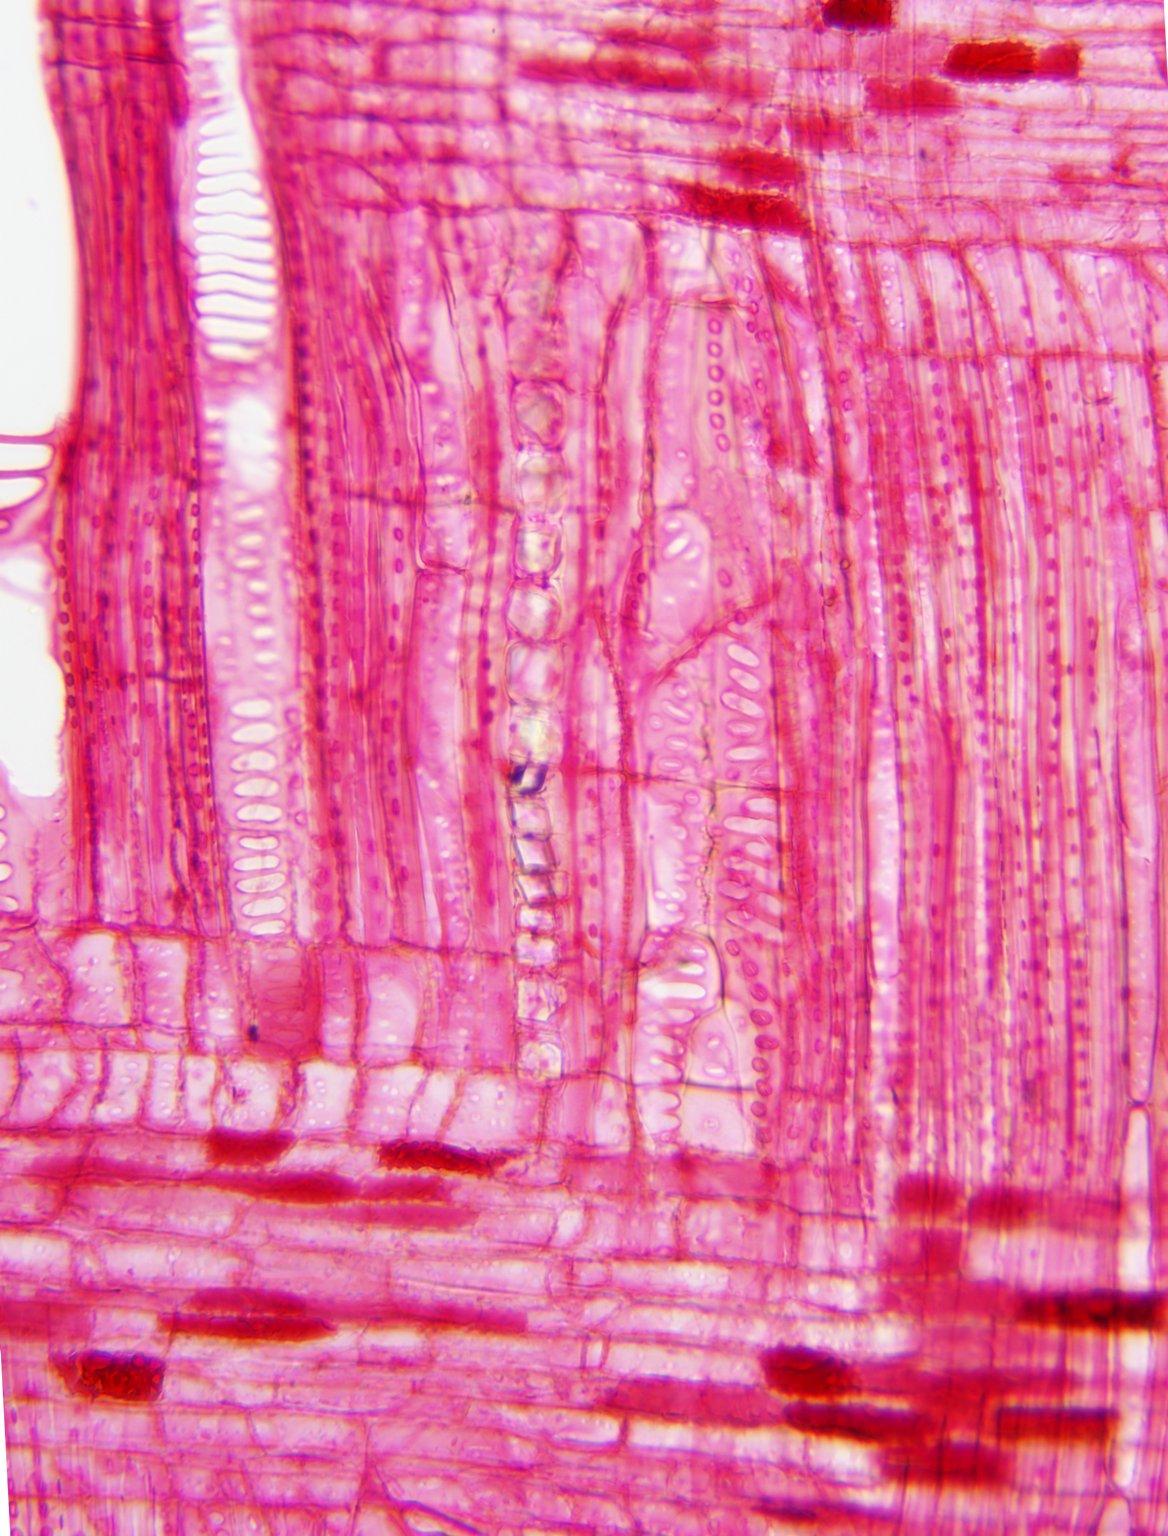 CUNONIACEAE Cunonia austrocaledonica